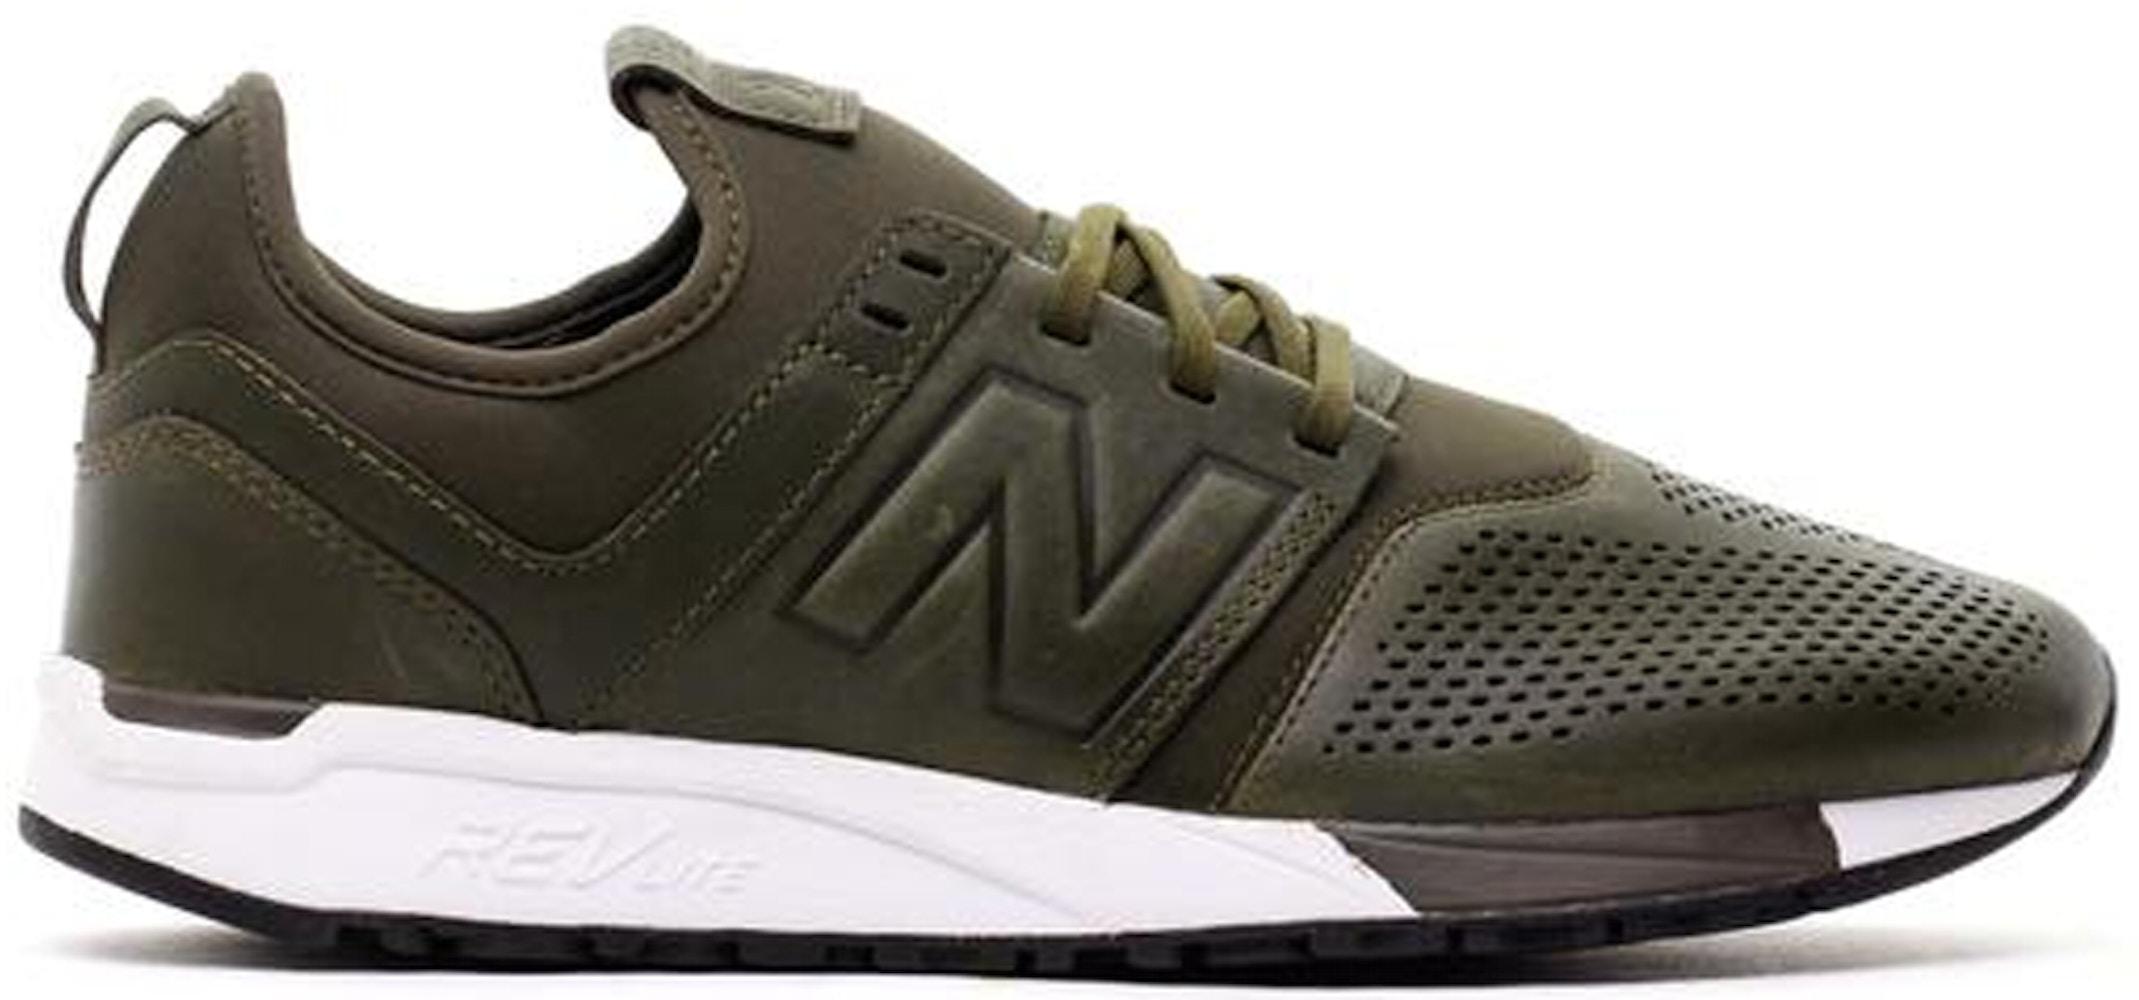 New Balance 247 Leather Olive